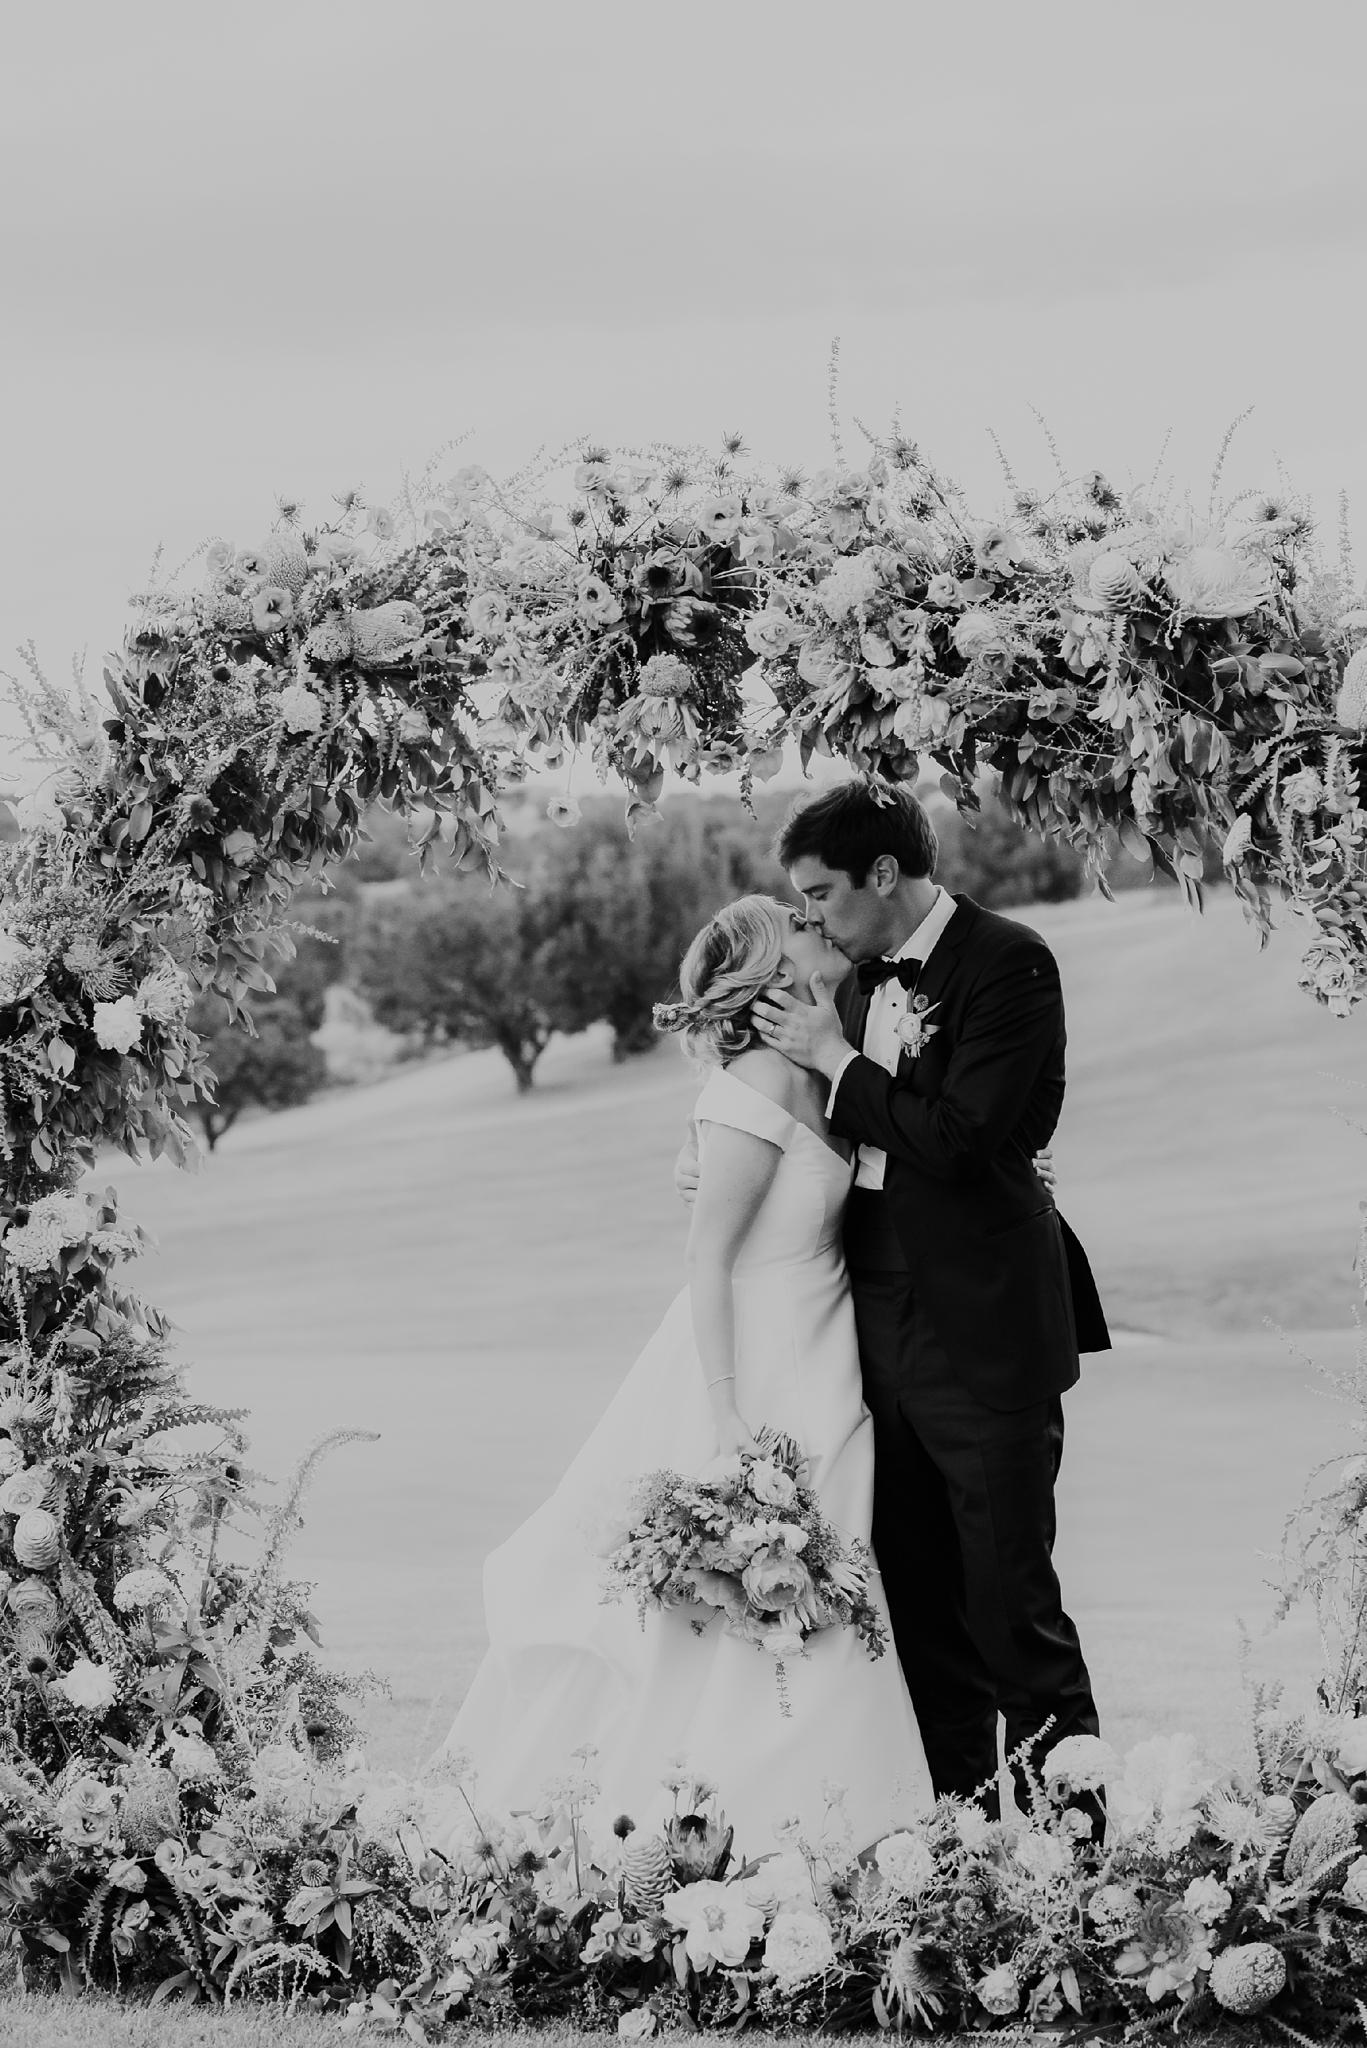 Alicia+lucia+photography+-+albuquerque+wedding+photographer+-+santa+fe+wedding+photography+-+new+mexico+wedding+photographer+-+new+mexico+wedding+-+las+campanas+wedding+-+santa+fe+wedding+-+maximalist+wedding+-+destination+wedding_0093.jpg